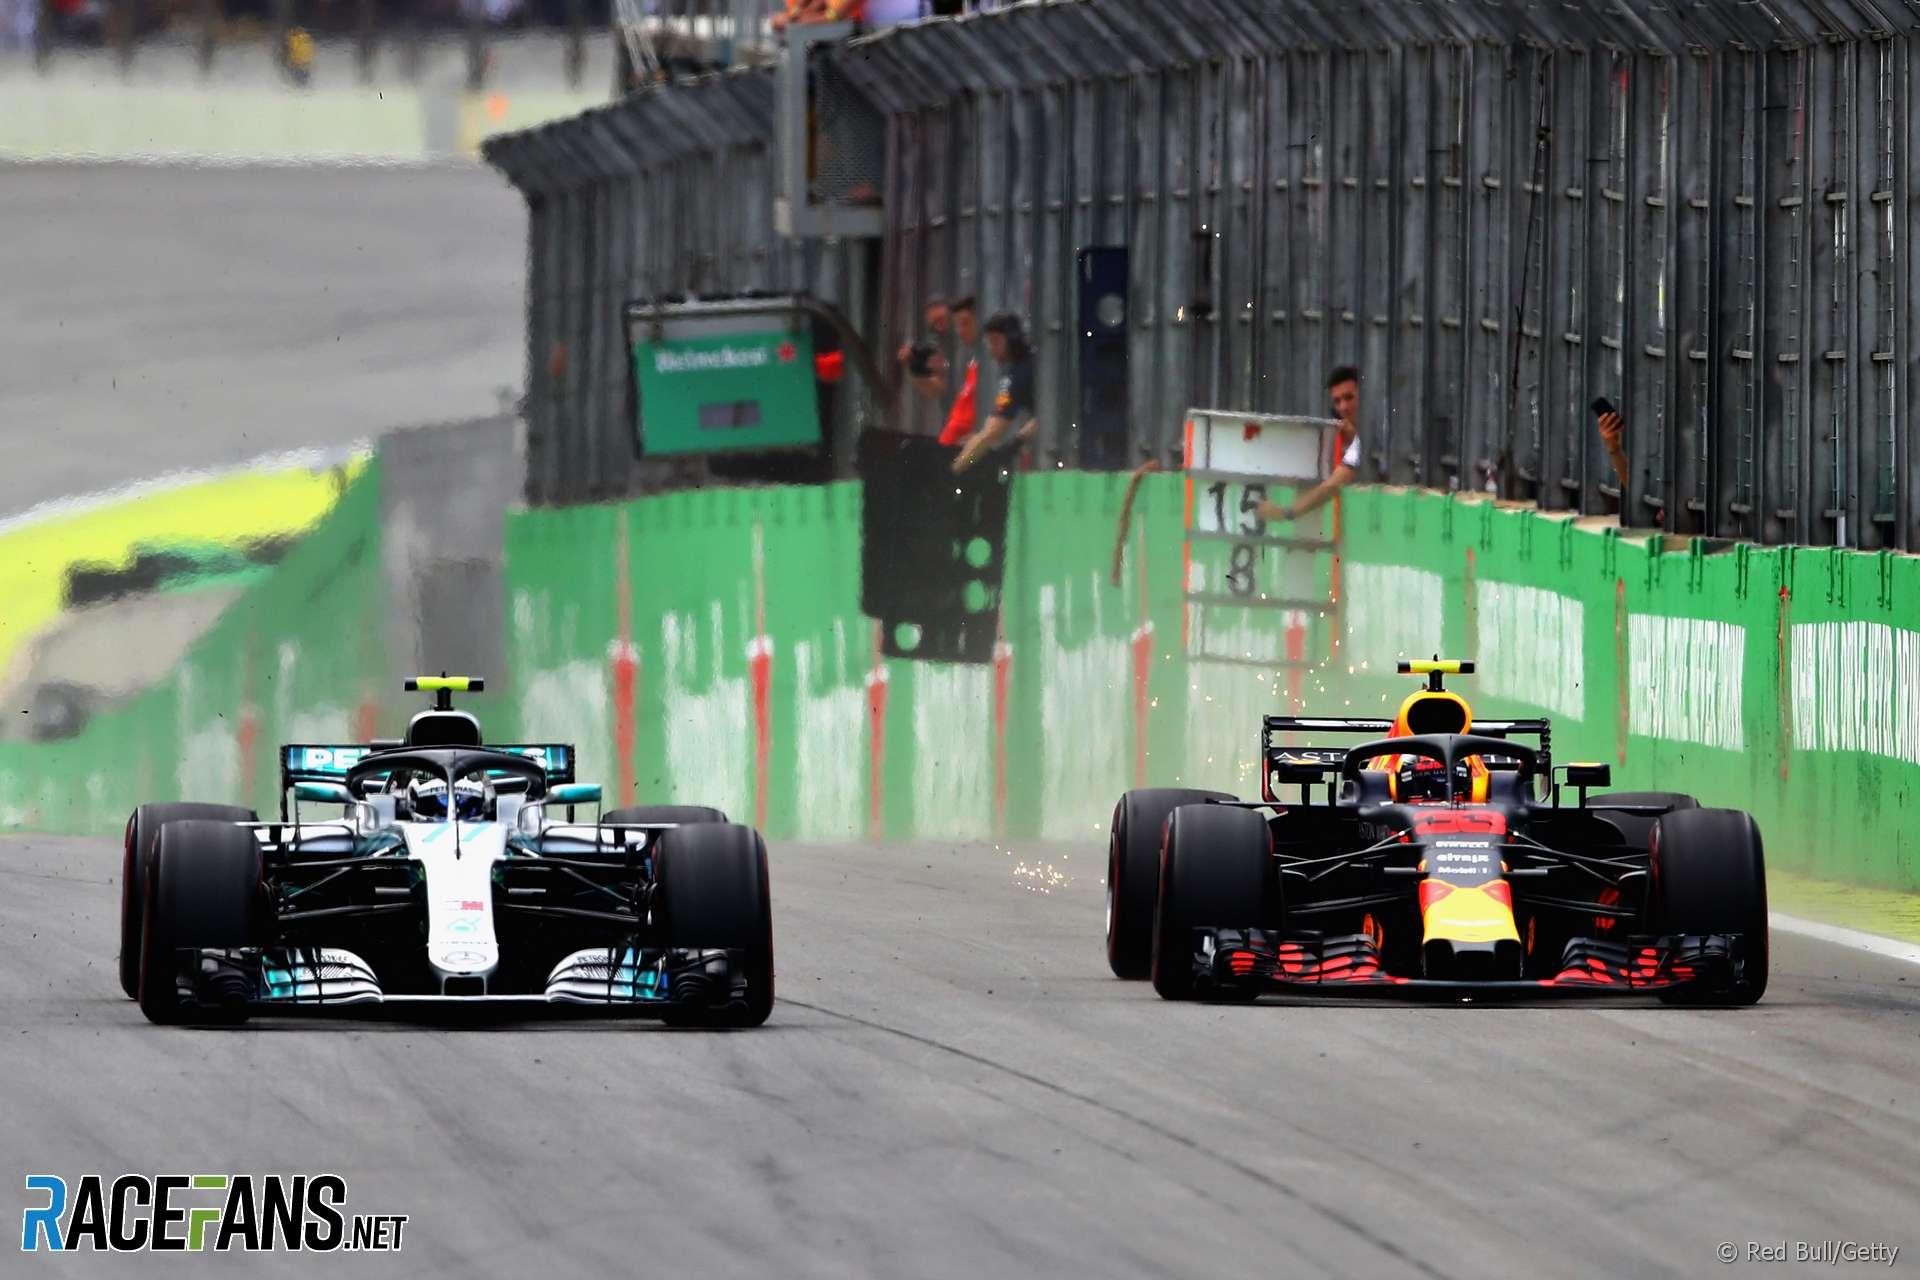 Valtteri Bottas, Max Verstappen, Interlagos, 2018